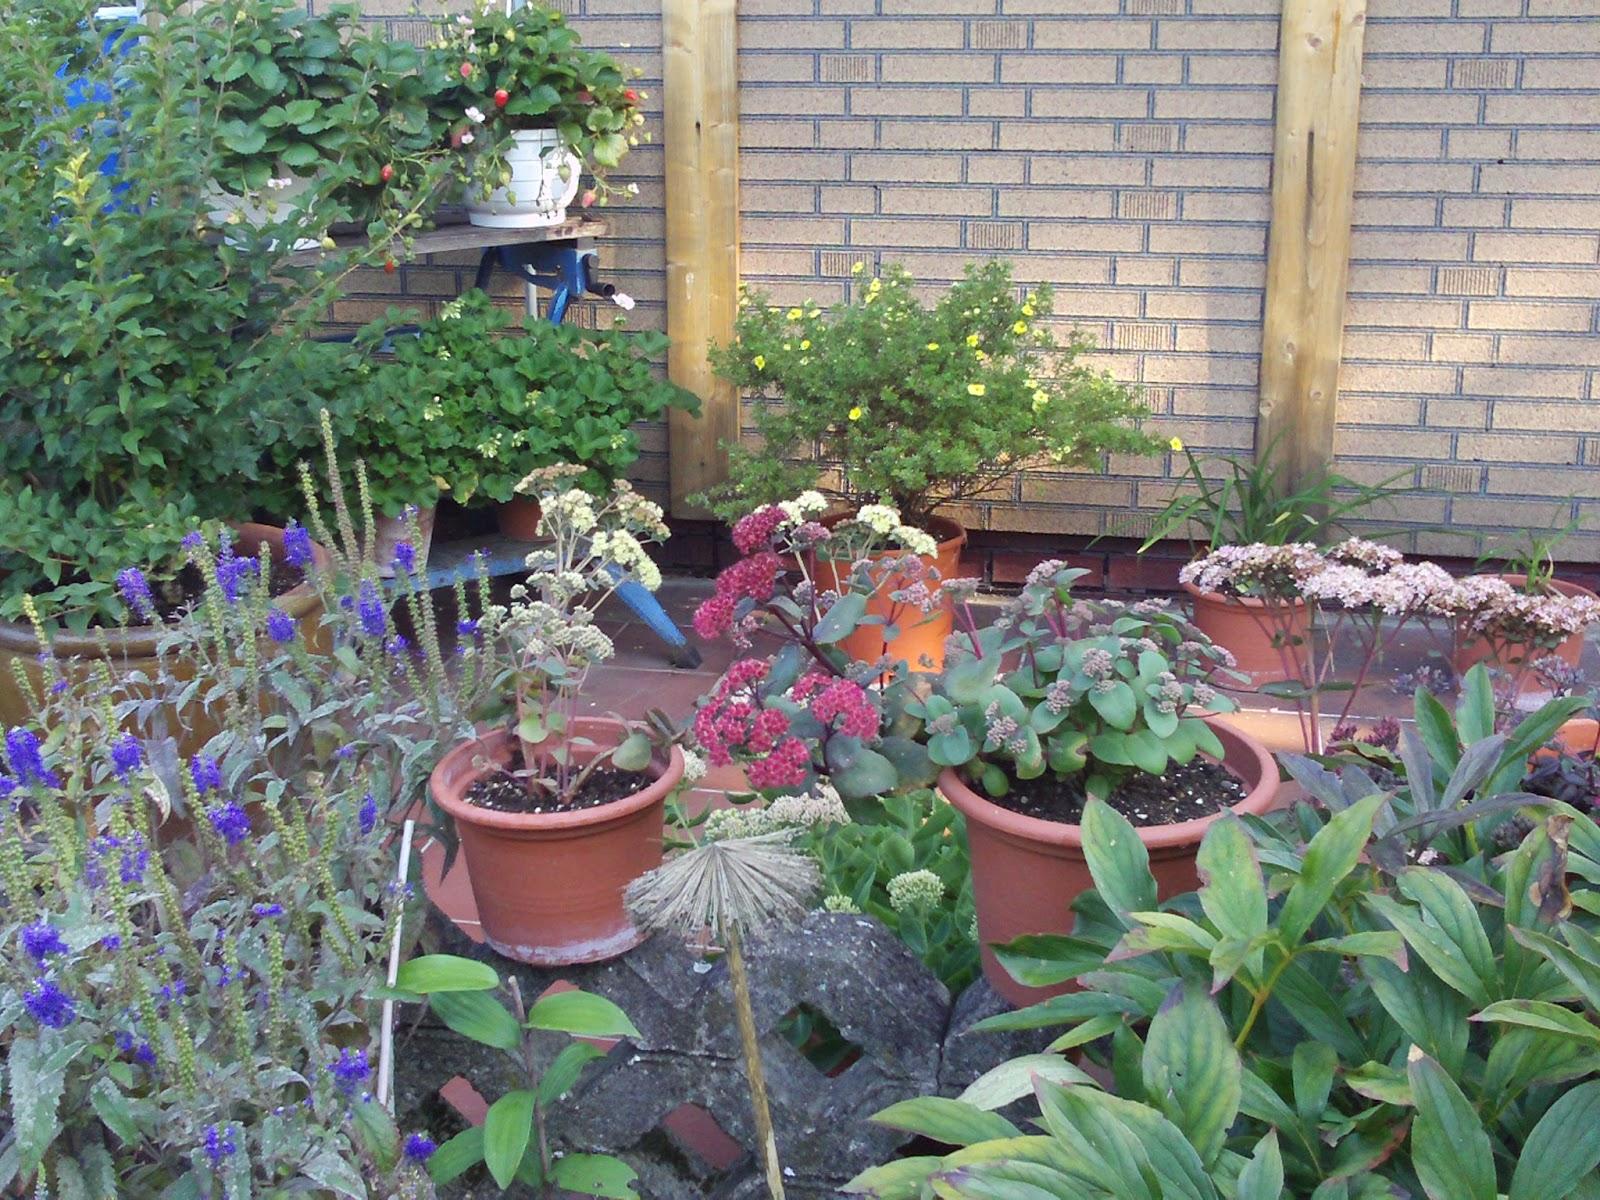 terrasse gestalten mit k belpflanzen erdbeeren gartenelfe. Black Bedroom Furniture Sets. Home Design Ideas